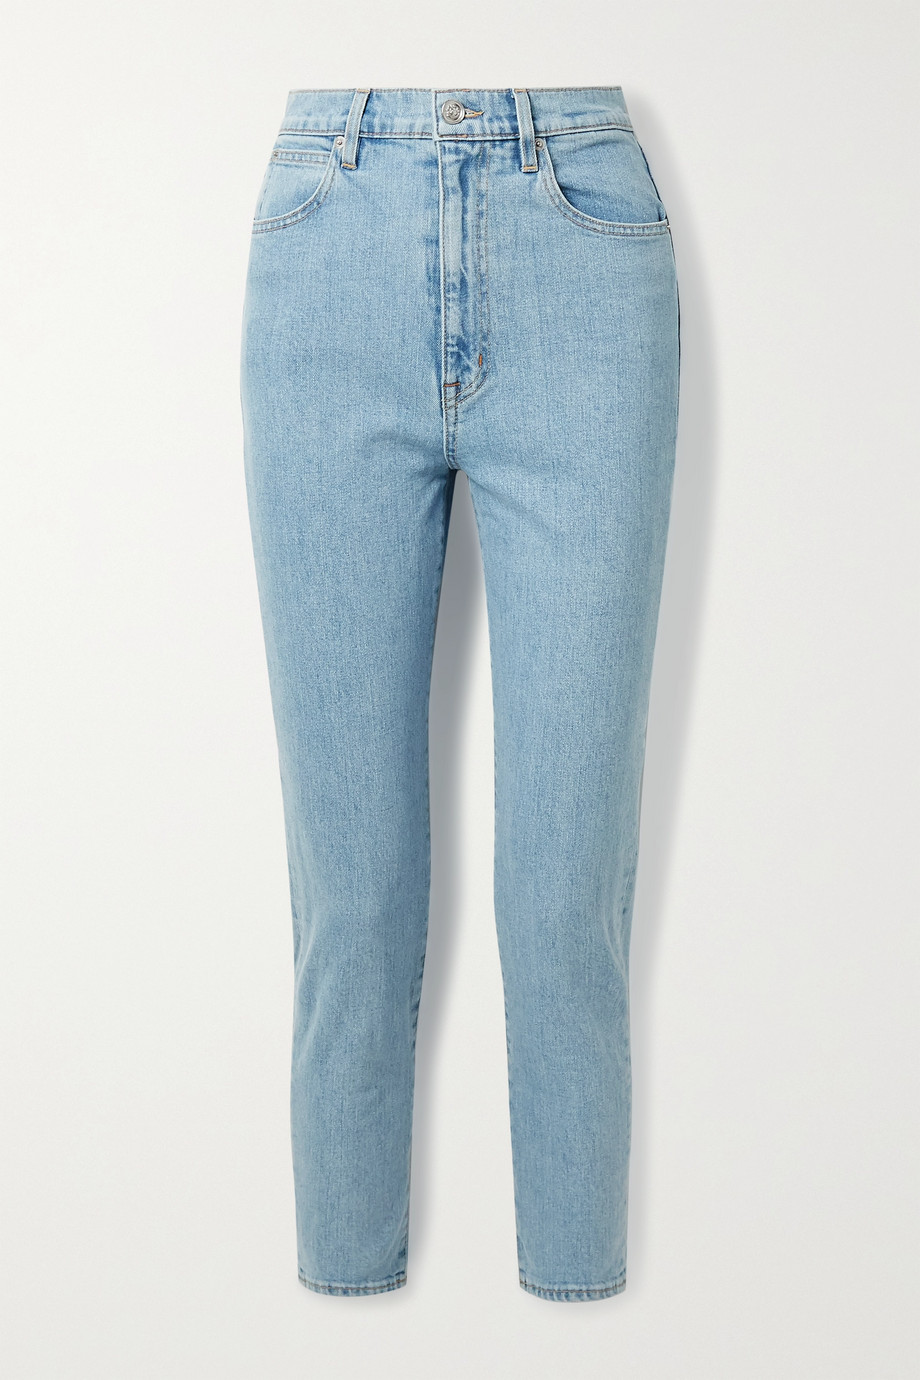 SLVRLAKE Beatnik hoch sitzende Jeans mit schmalem Bein